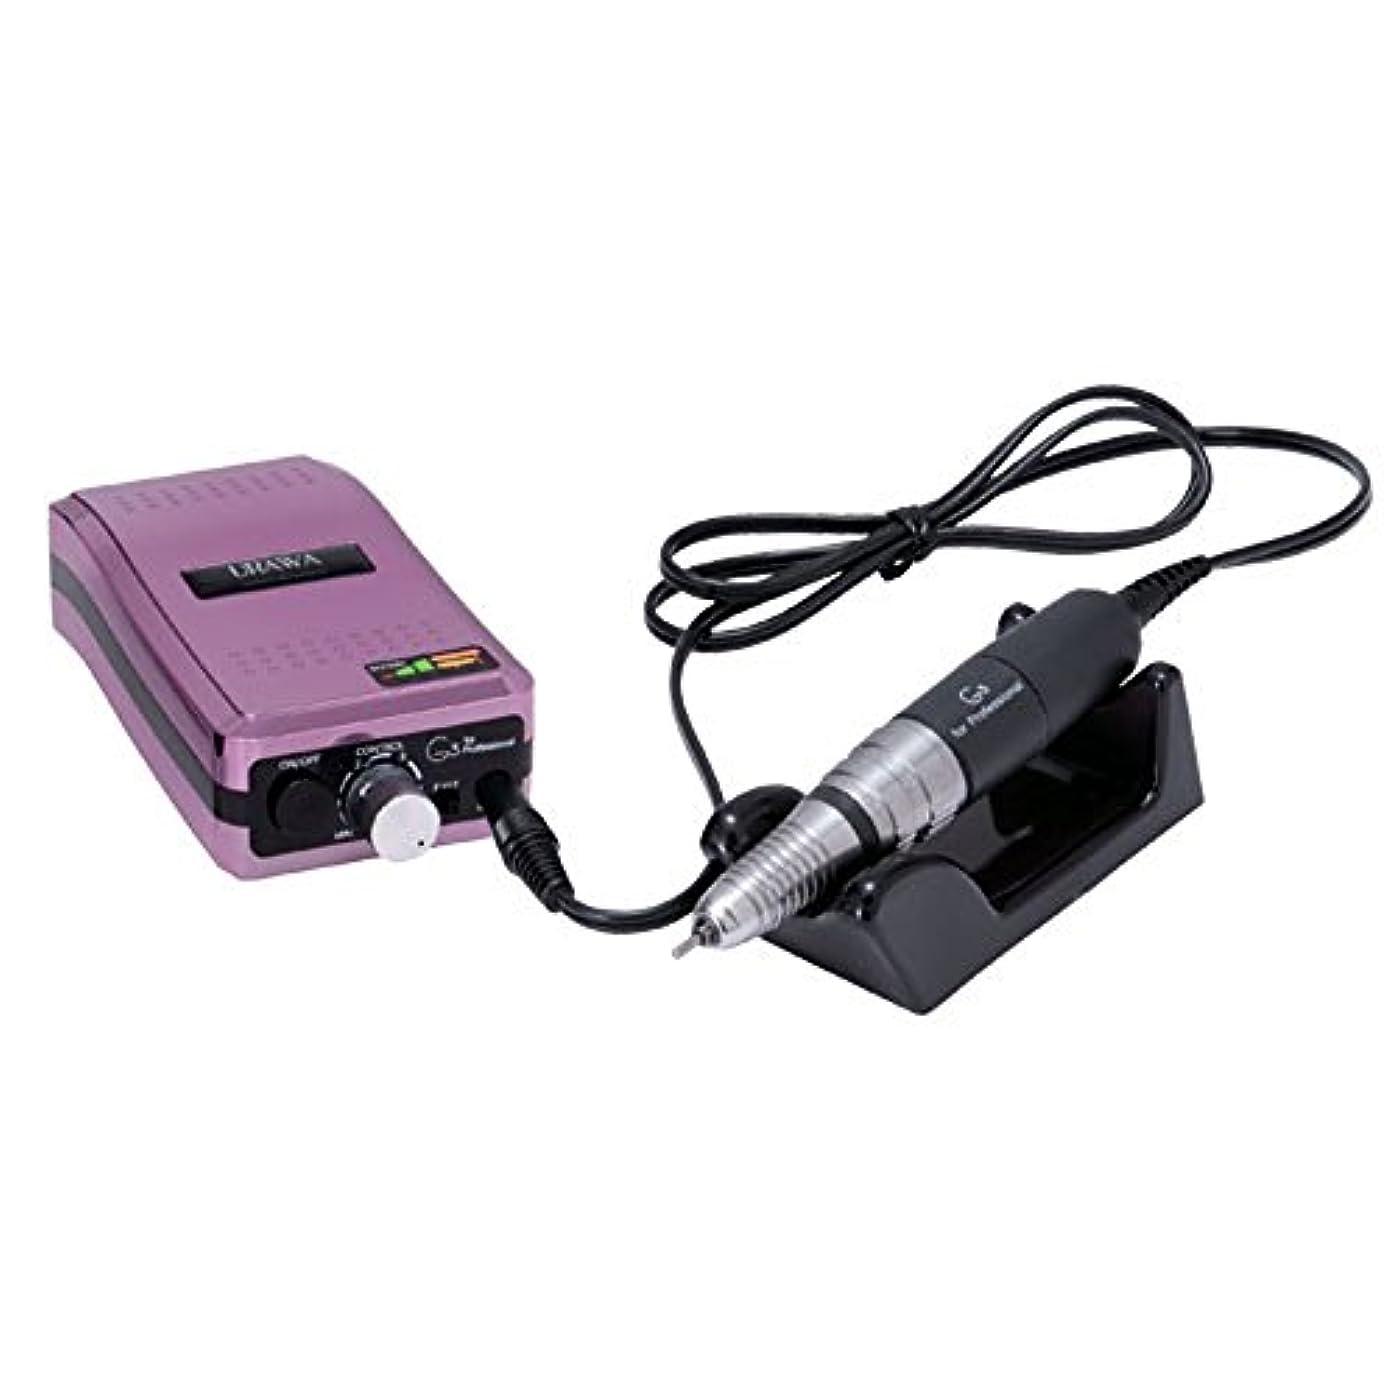 キャンベラゴミ箱を空にする破壊ポータブルネイルマシーンG3 ピンク